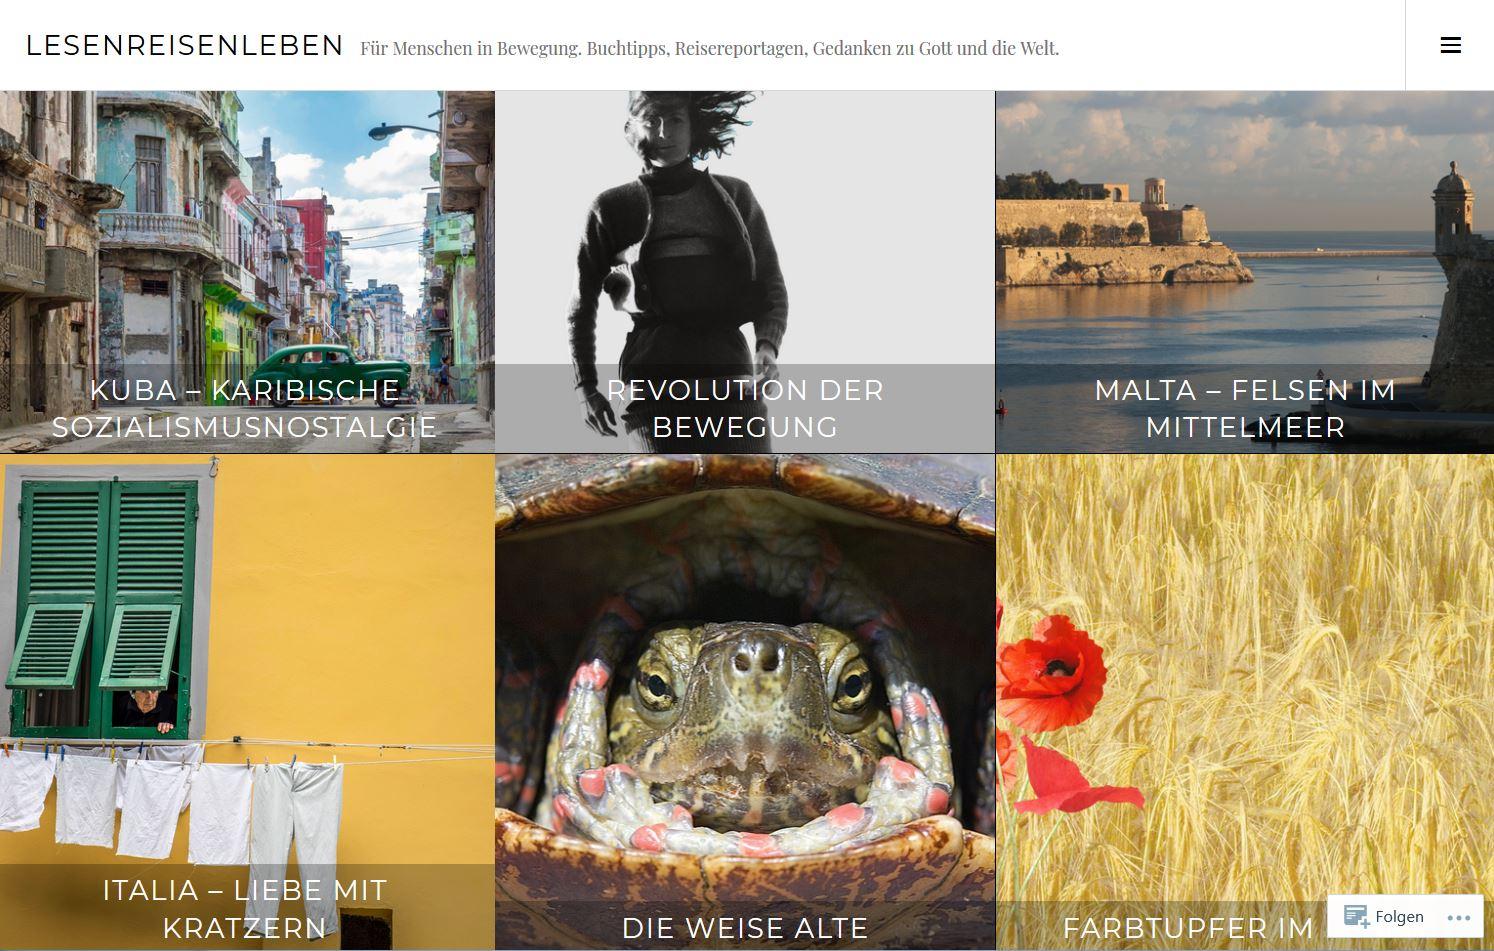 Artikel zu Lesen, Reisen und Lifestyle